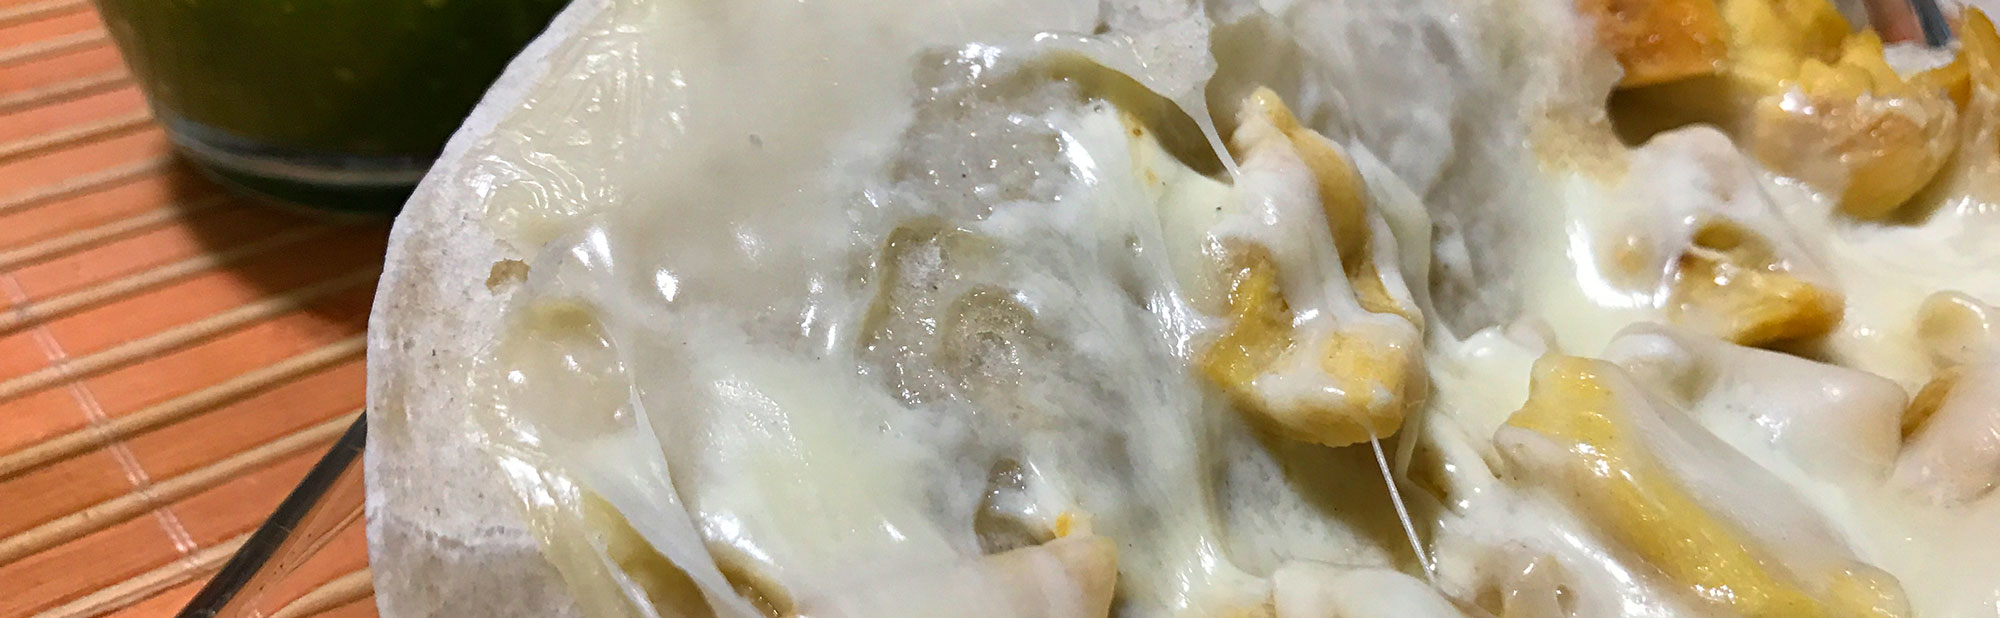 La Antojadera | Quesadillas de Pollo